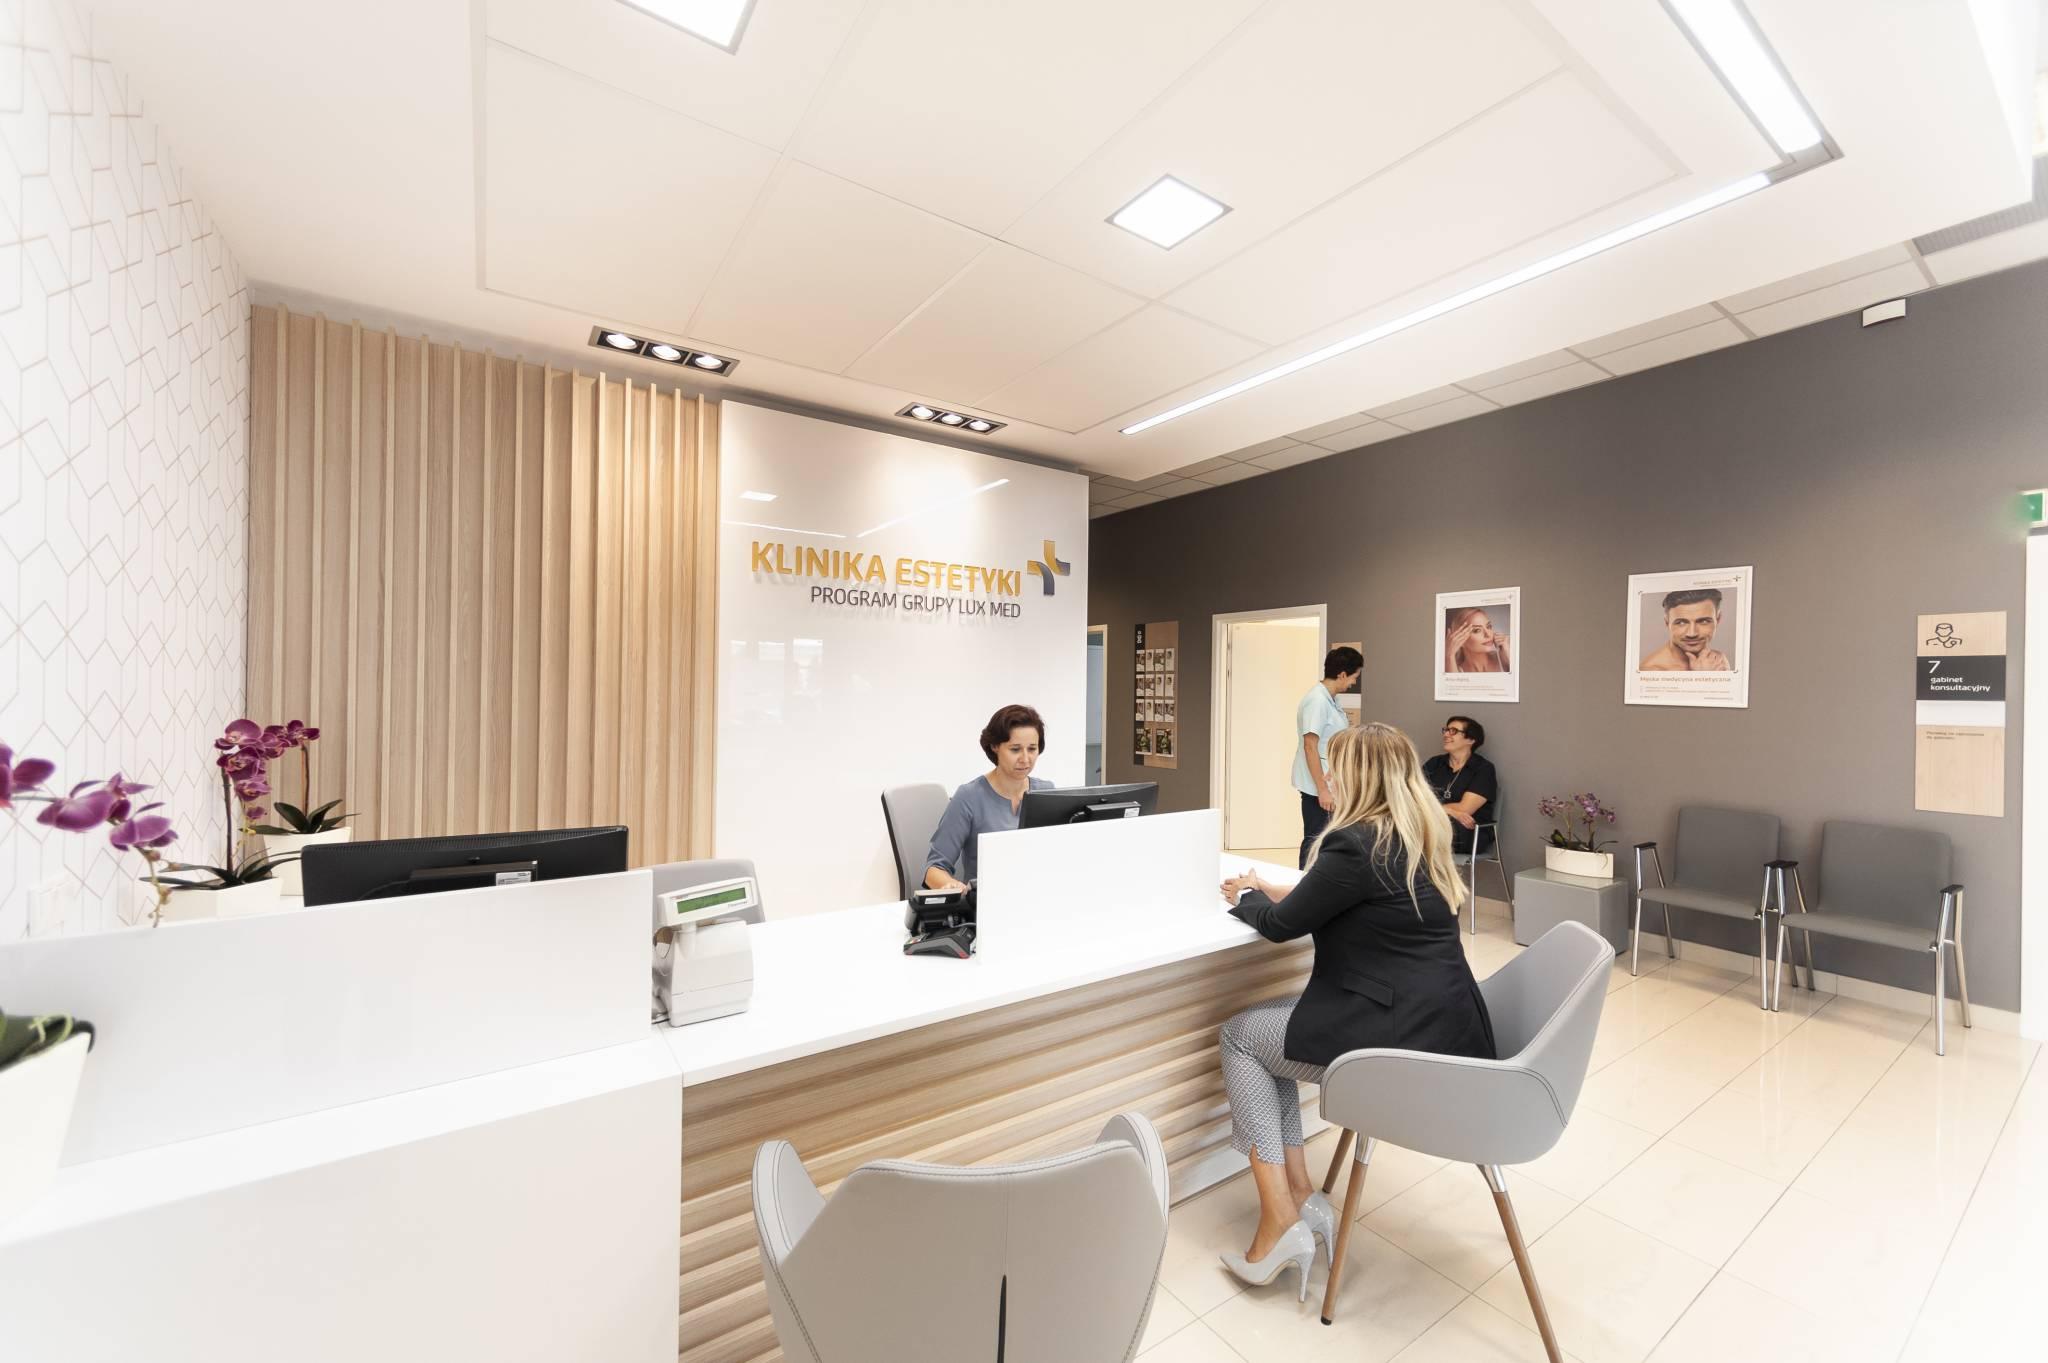 Grupa LUX MED otwiera nową placówkę w ramach Programu Klinika Estetyki